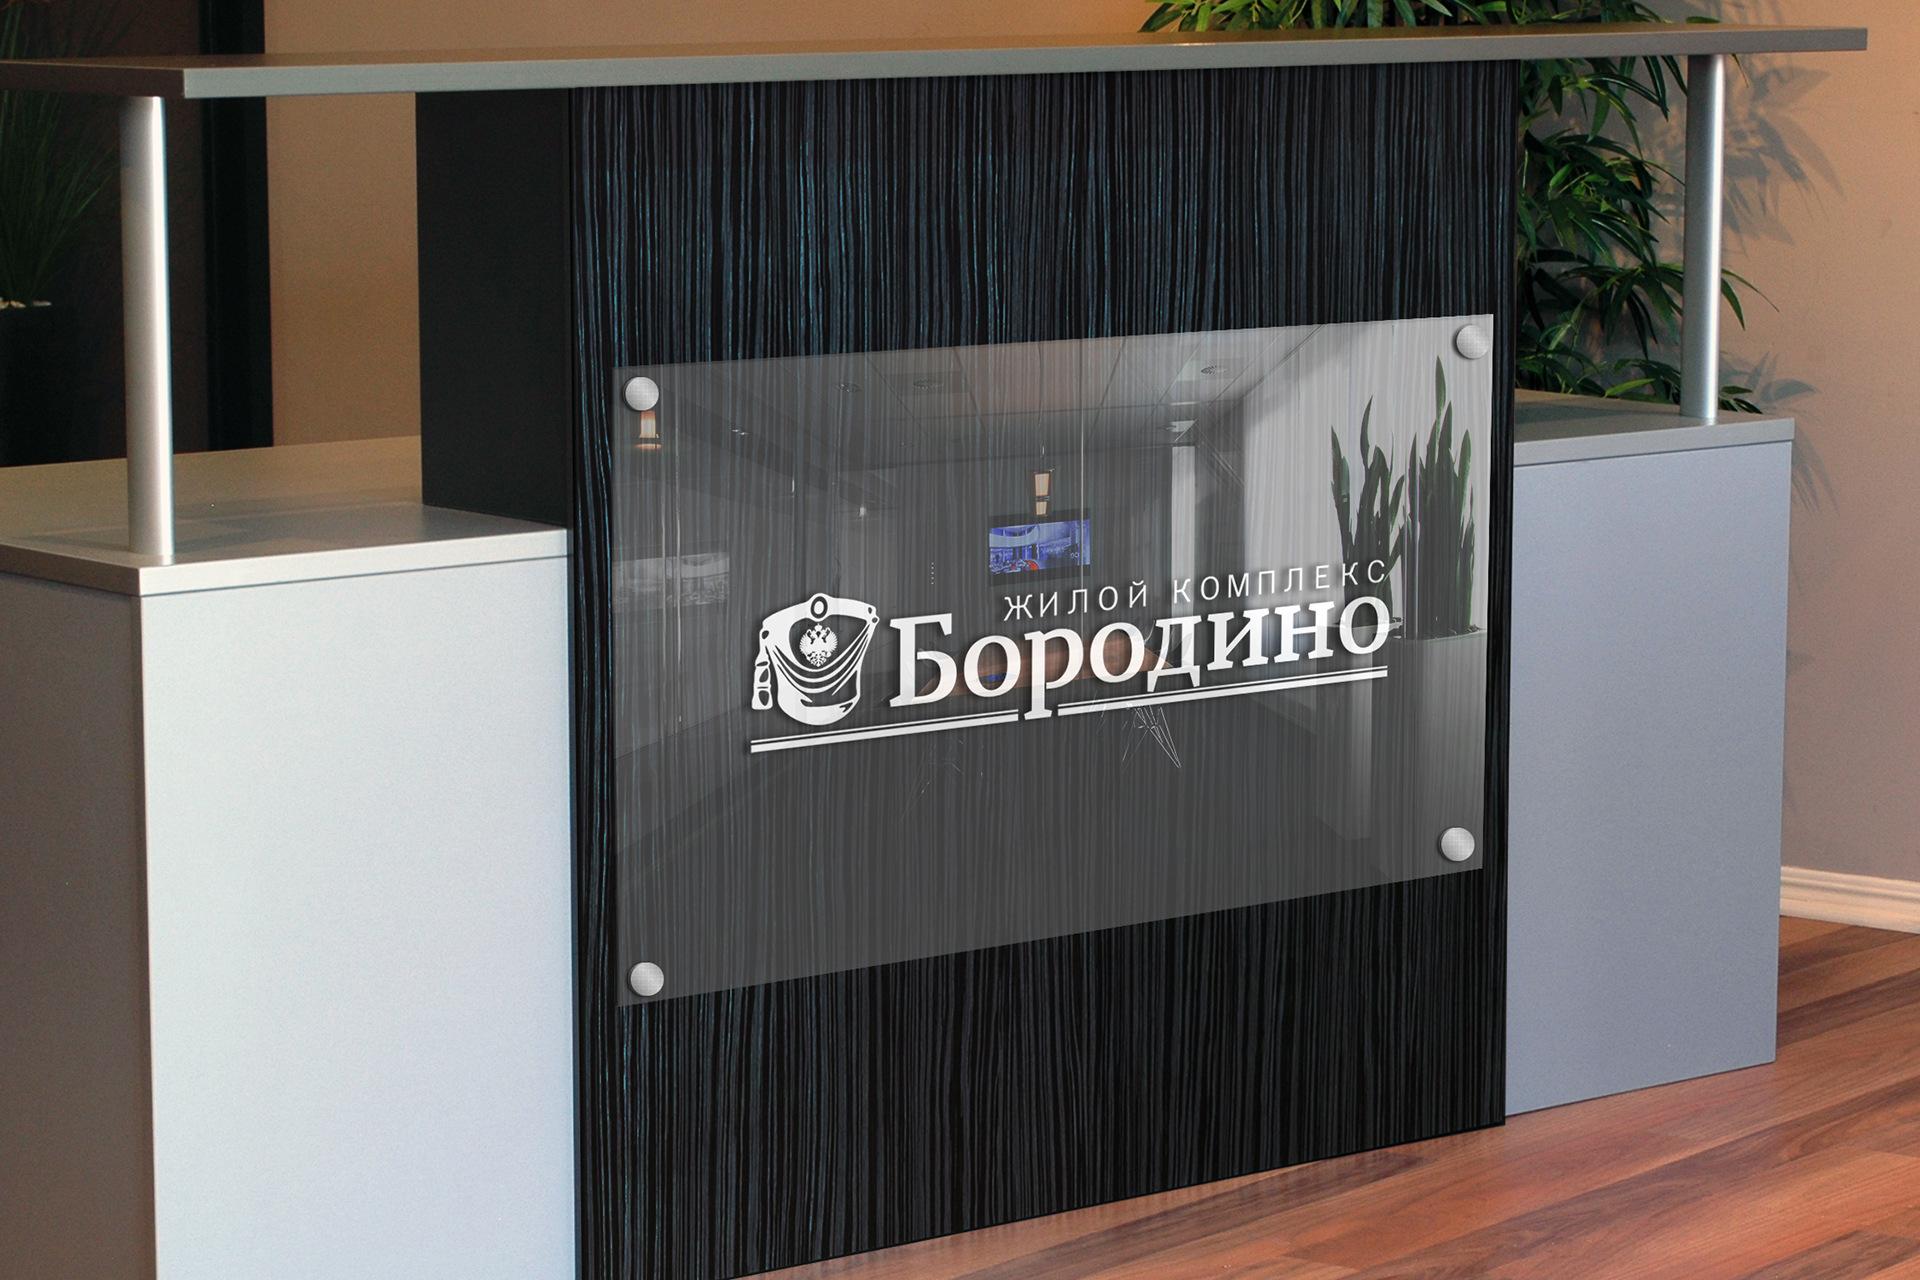 Новый видеоролик для жилого комплекса Бородино   Студия Ракета